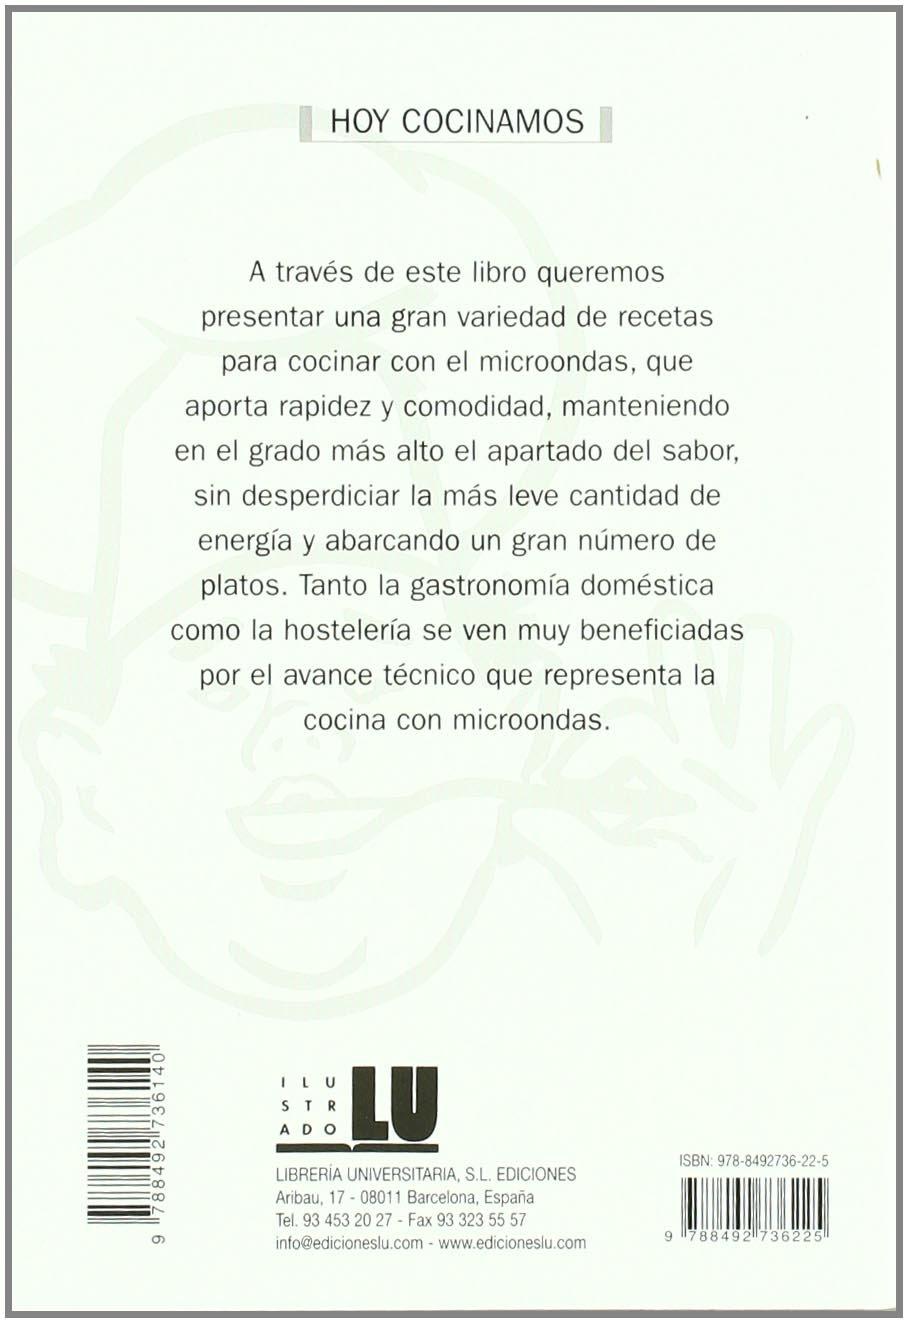 Hoy cocinamos-Microondas: Amazon.es: Louis Adams: Libros